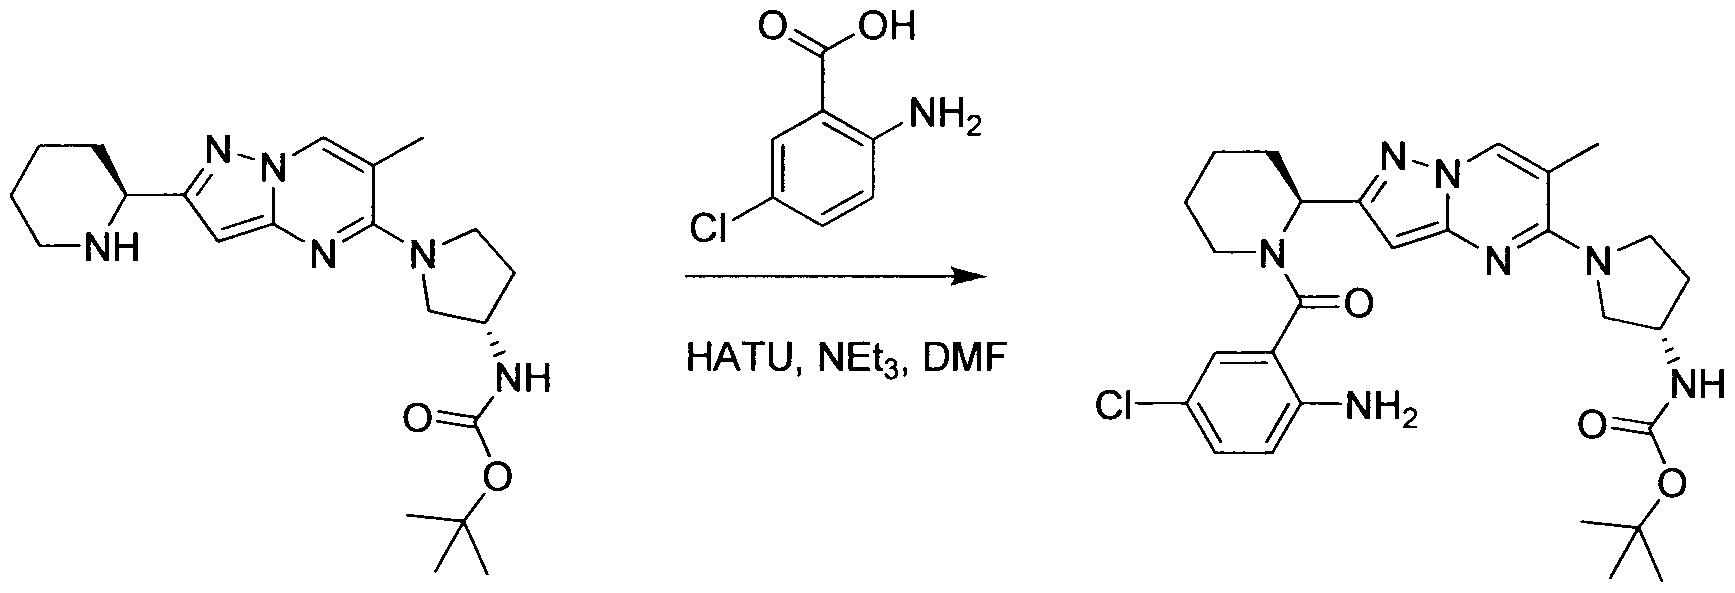 Figure imgf000403_0002